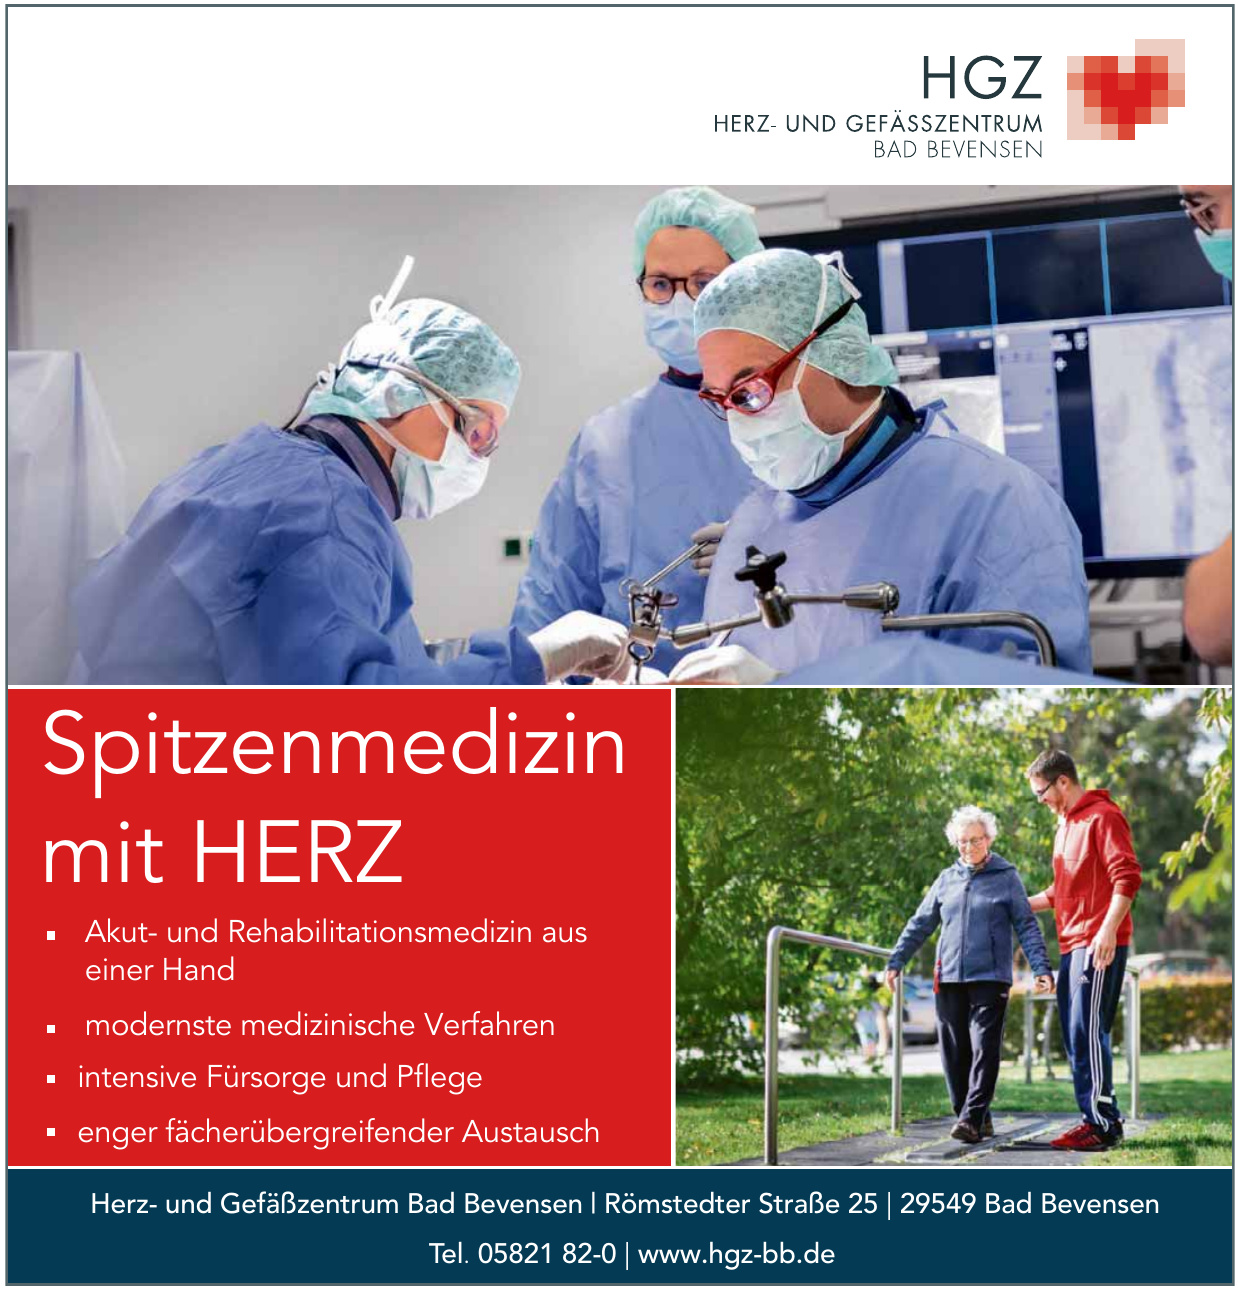 Herz- und Gefäßzentrum Bad Bevensen